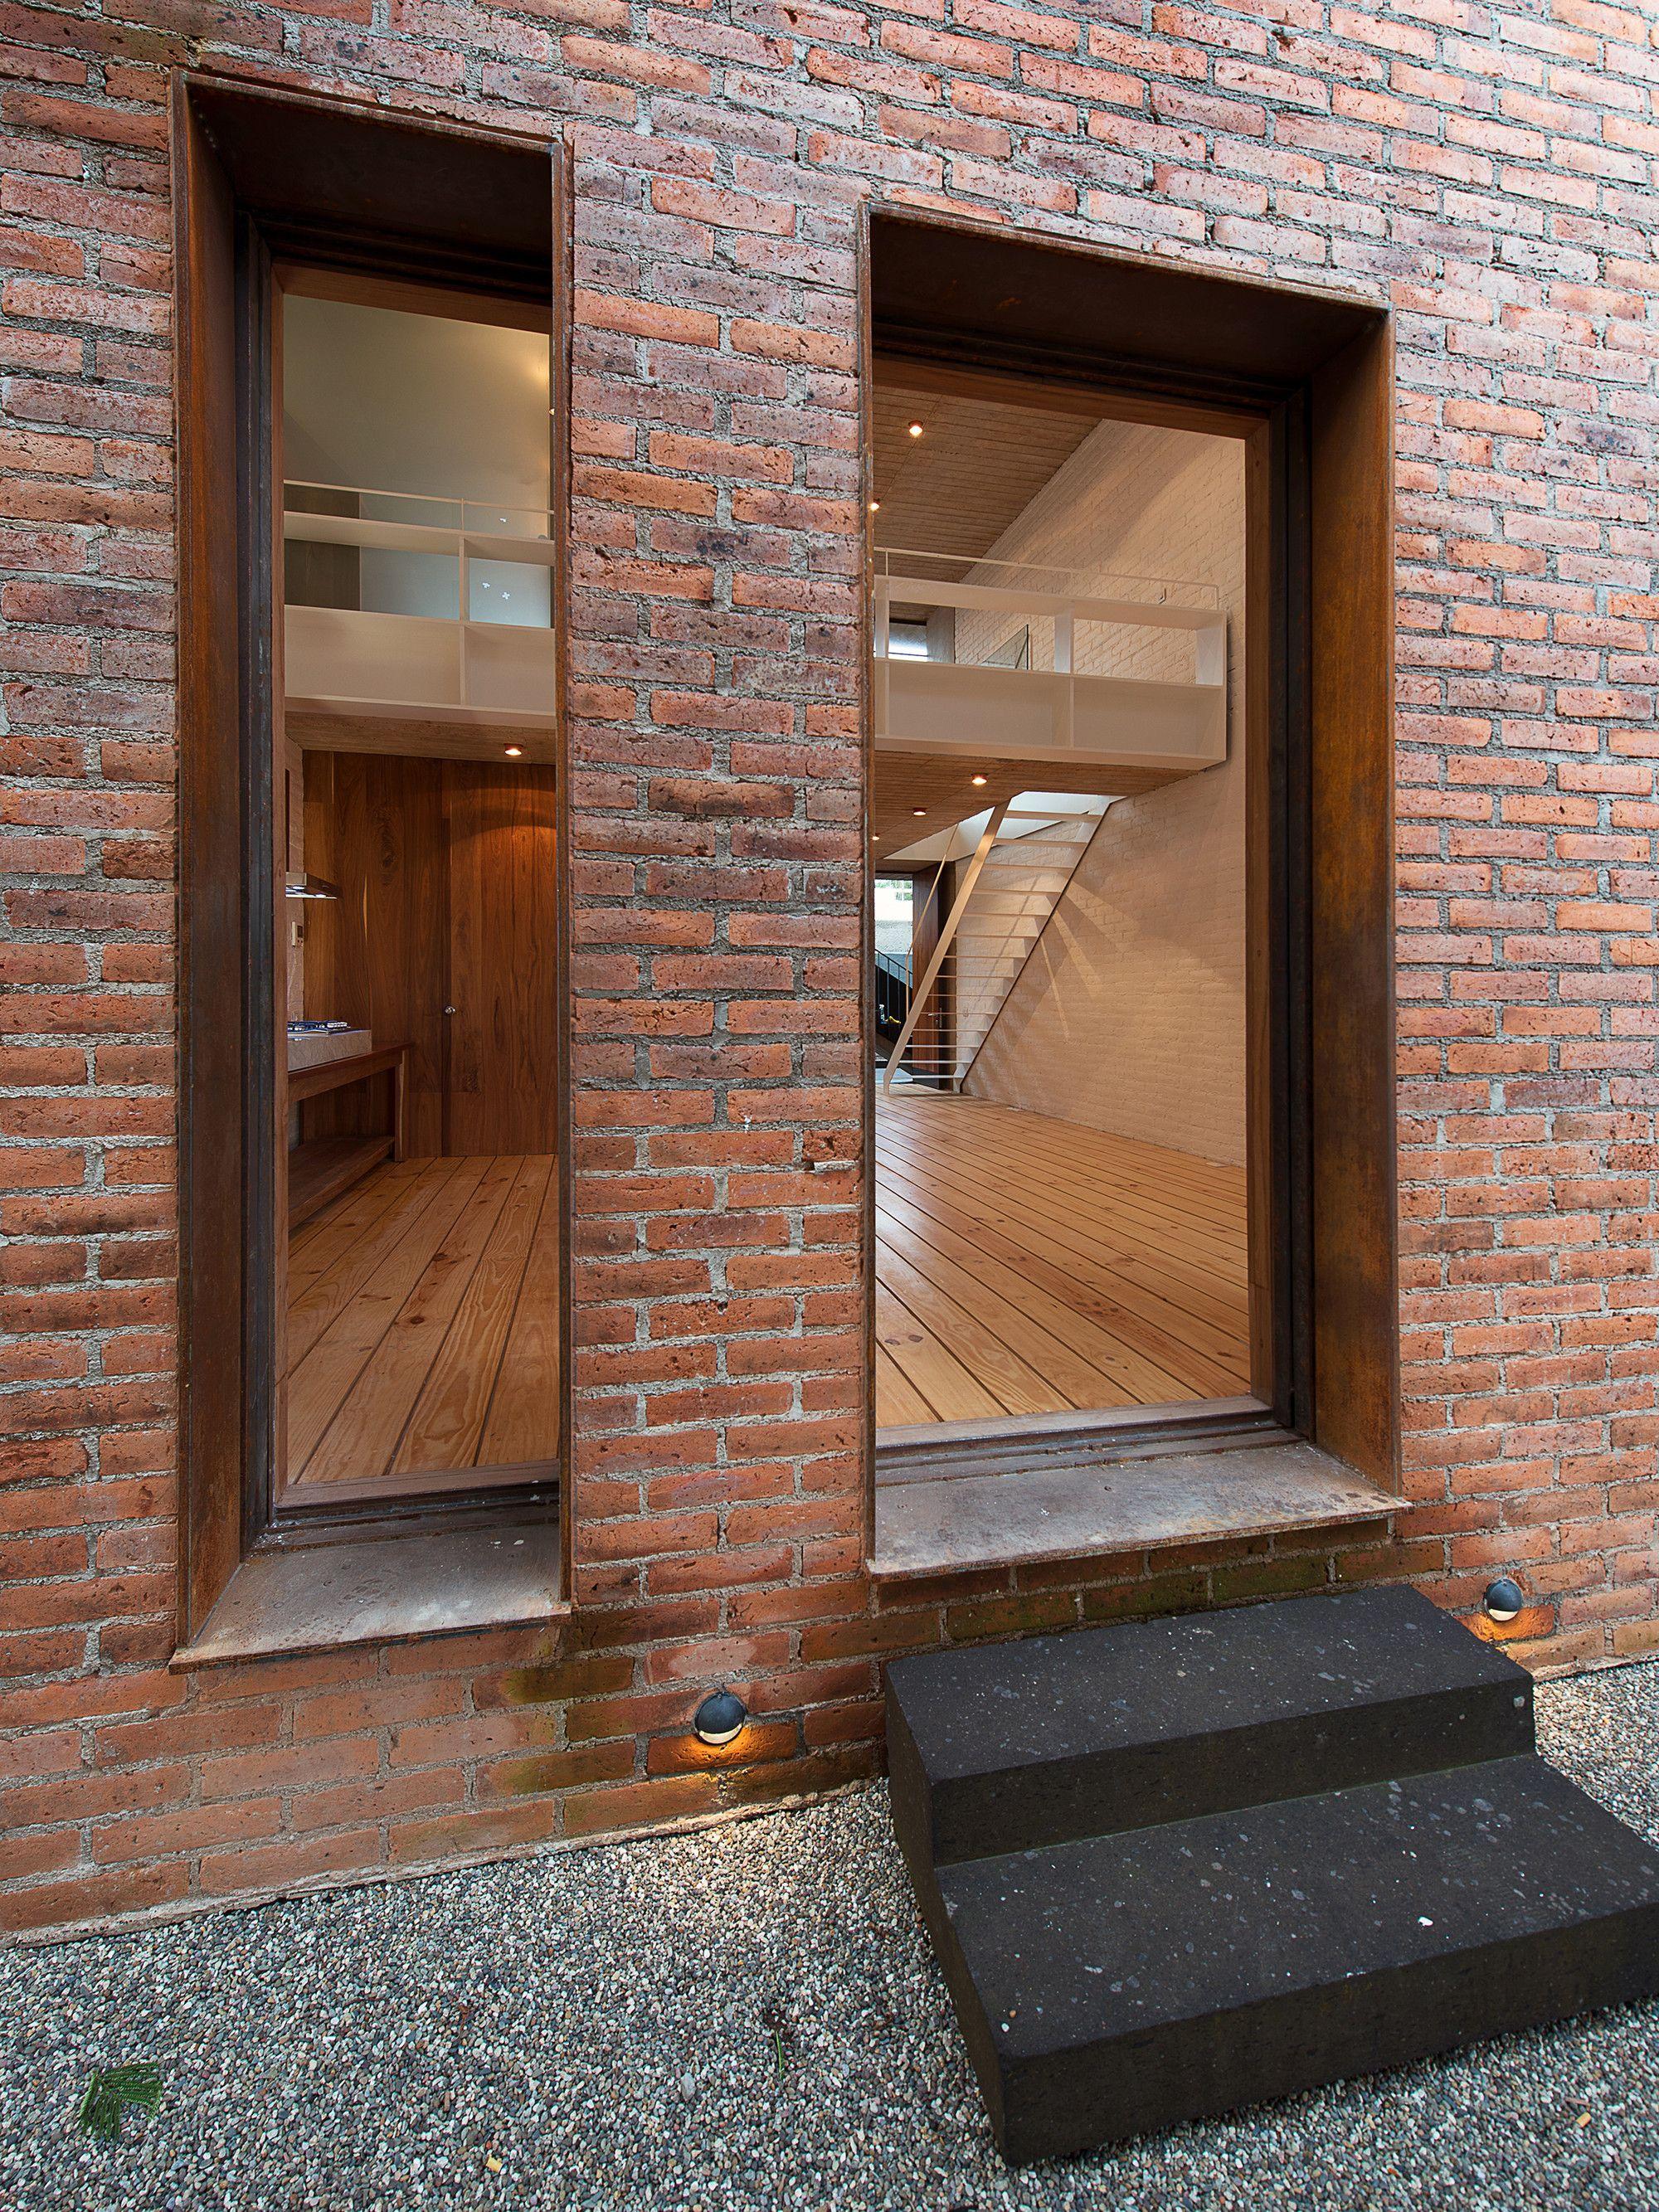 Gallery of EGL1916 / Alvaro Moragrega arquitecto 20